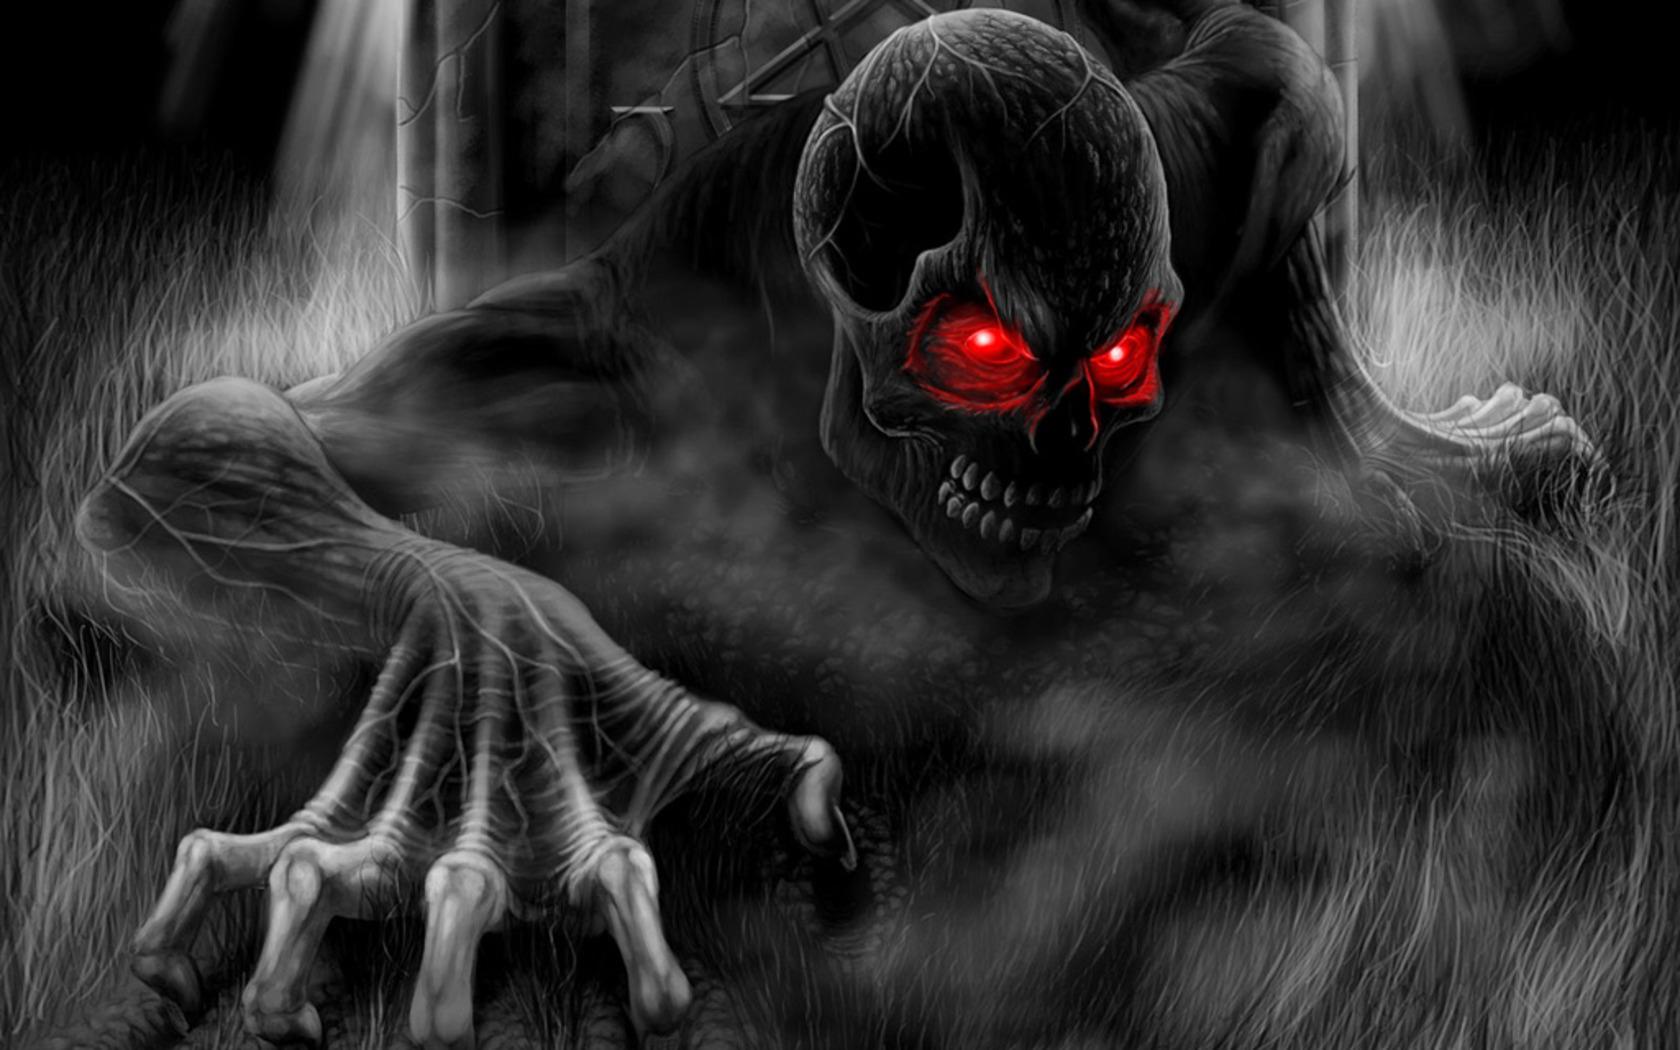 Dark Skull Wallpaper 1680x1050 Dark Skull 1680x1050